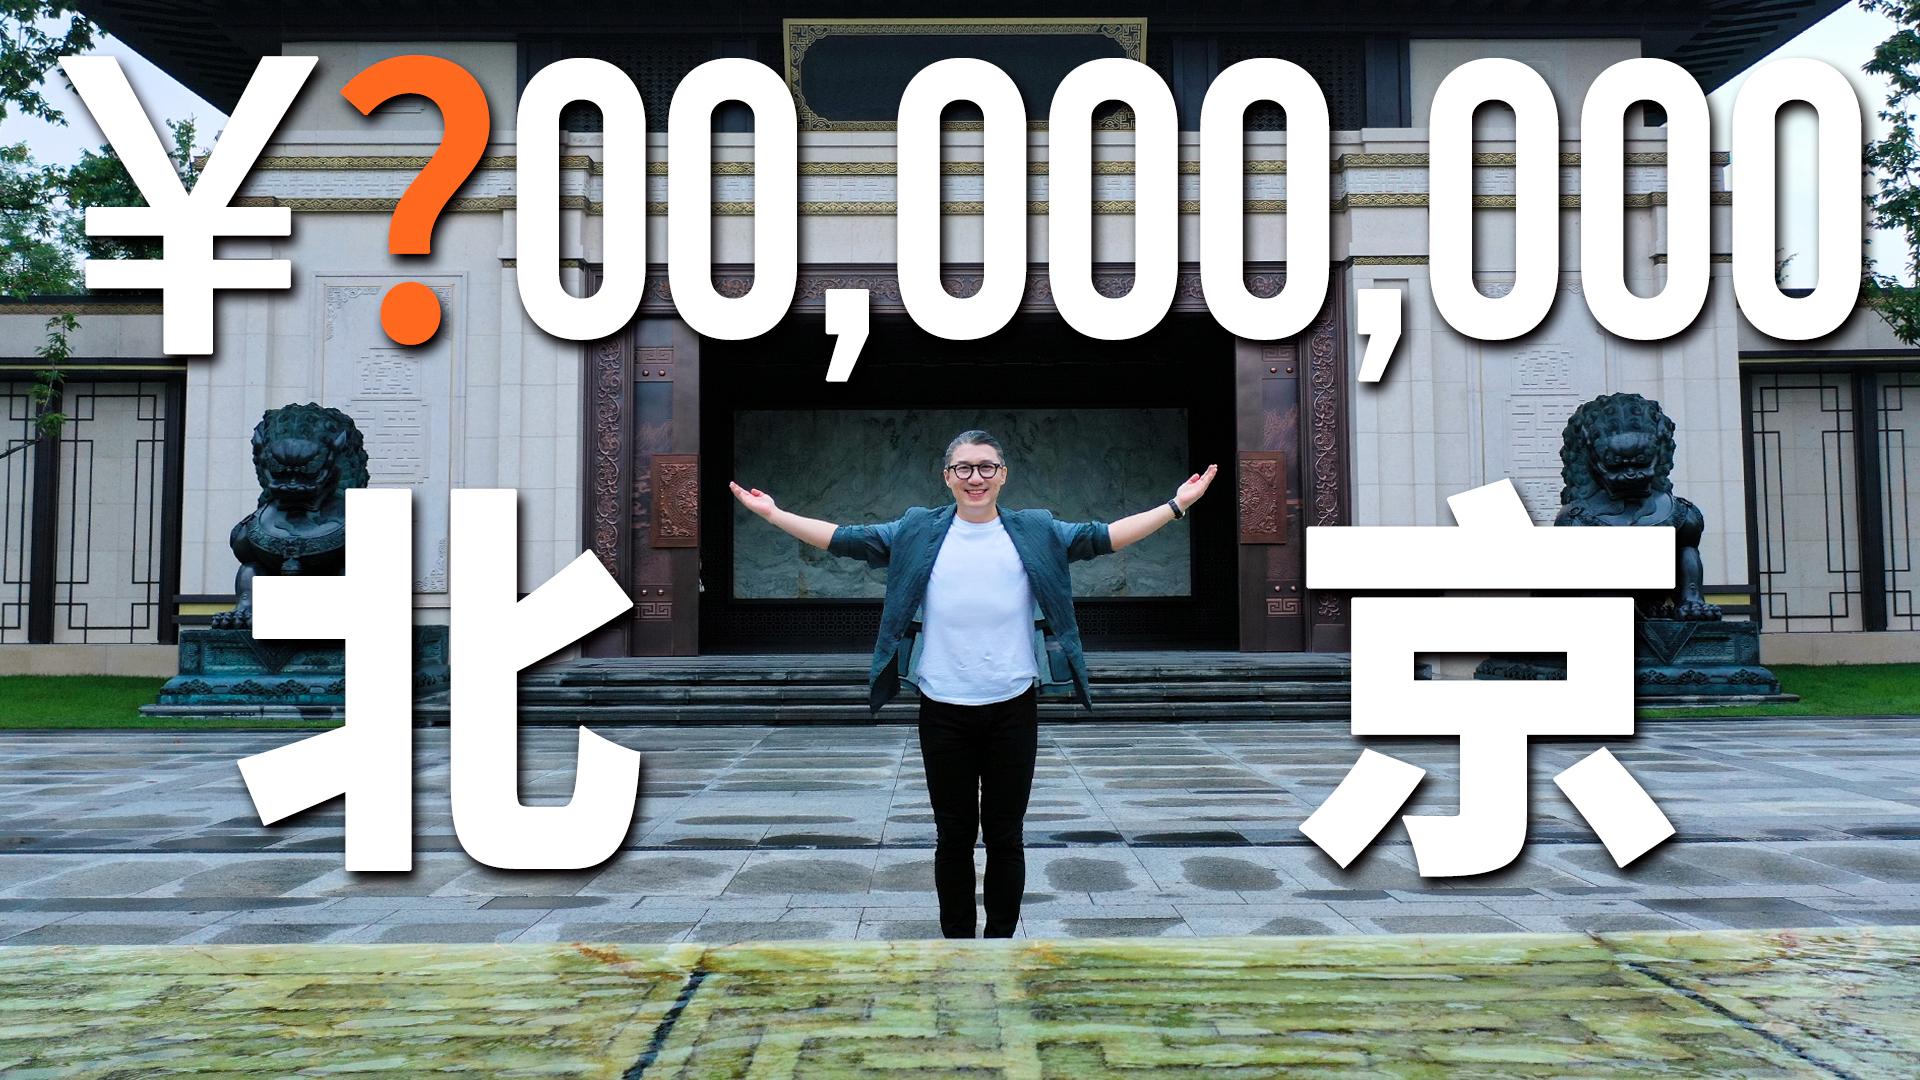 【艾叔】北京故宫北院旁中式大宅,西山龙胤独栋别墅几亩才算豪横